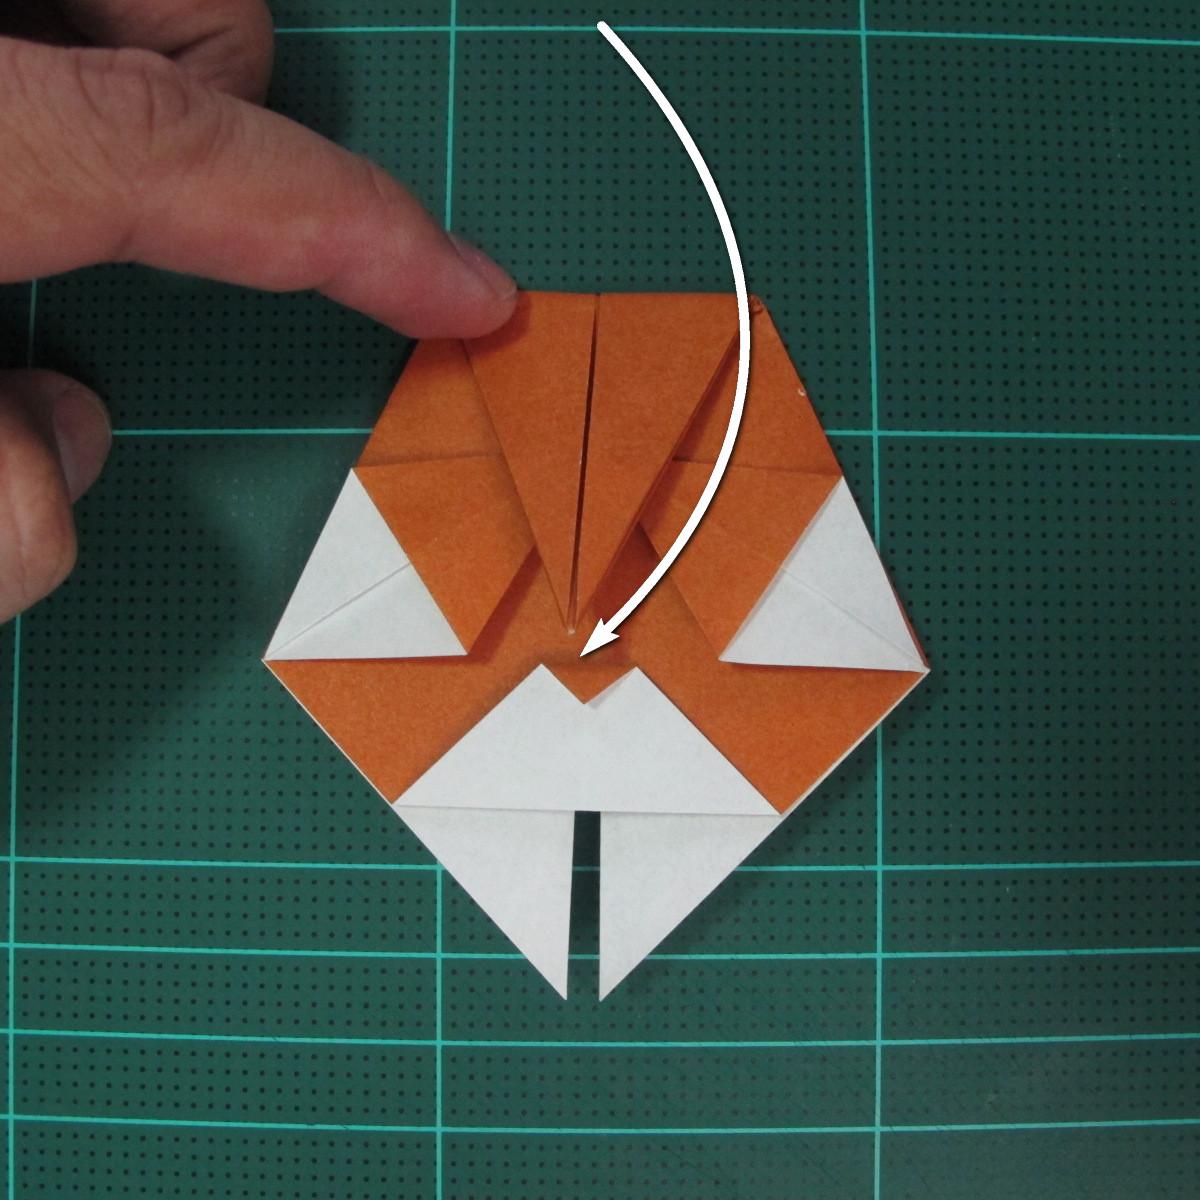 การพับกระดาษเป็นที่คั่นหนังสือหมีแว่น (Spectacled Bear Origami)  โดย Diego Quevedo 014